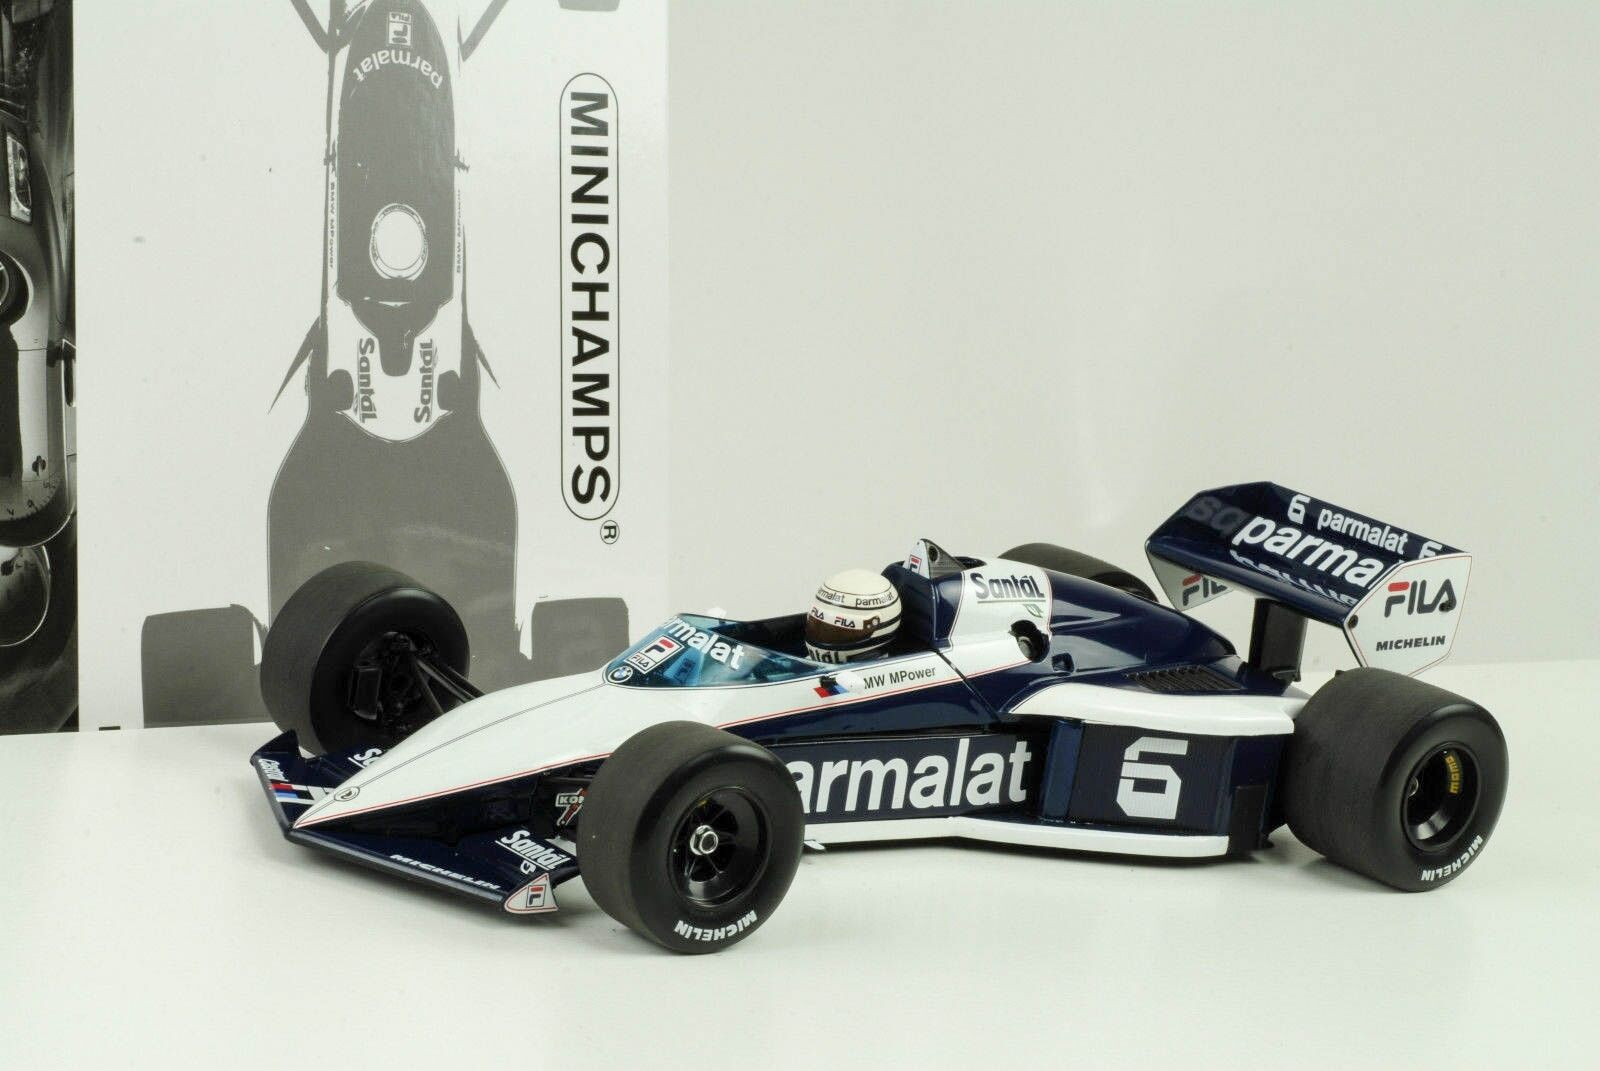 1983 Brabham BMW BT52  5 Campeón Mundial Piquet  F1 1 18 Minichamps  nouveaux produits nouveautés